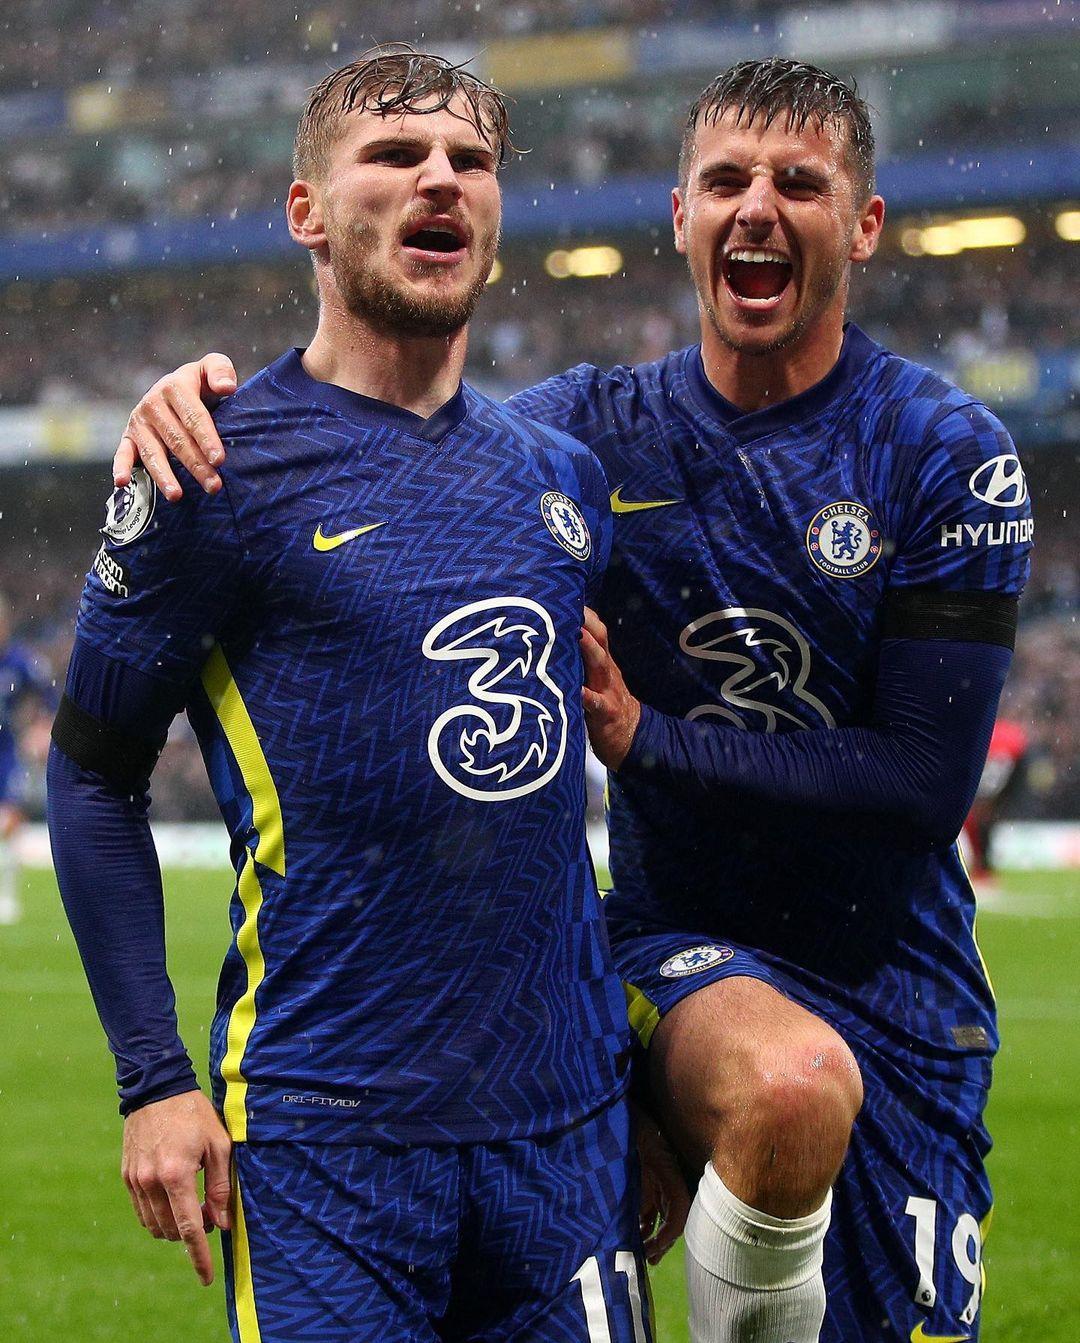 Chelsea 3-1 Southampton Premier League